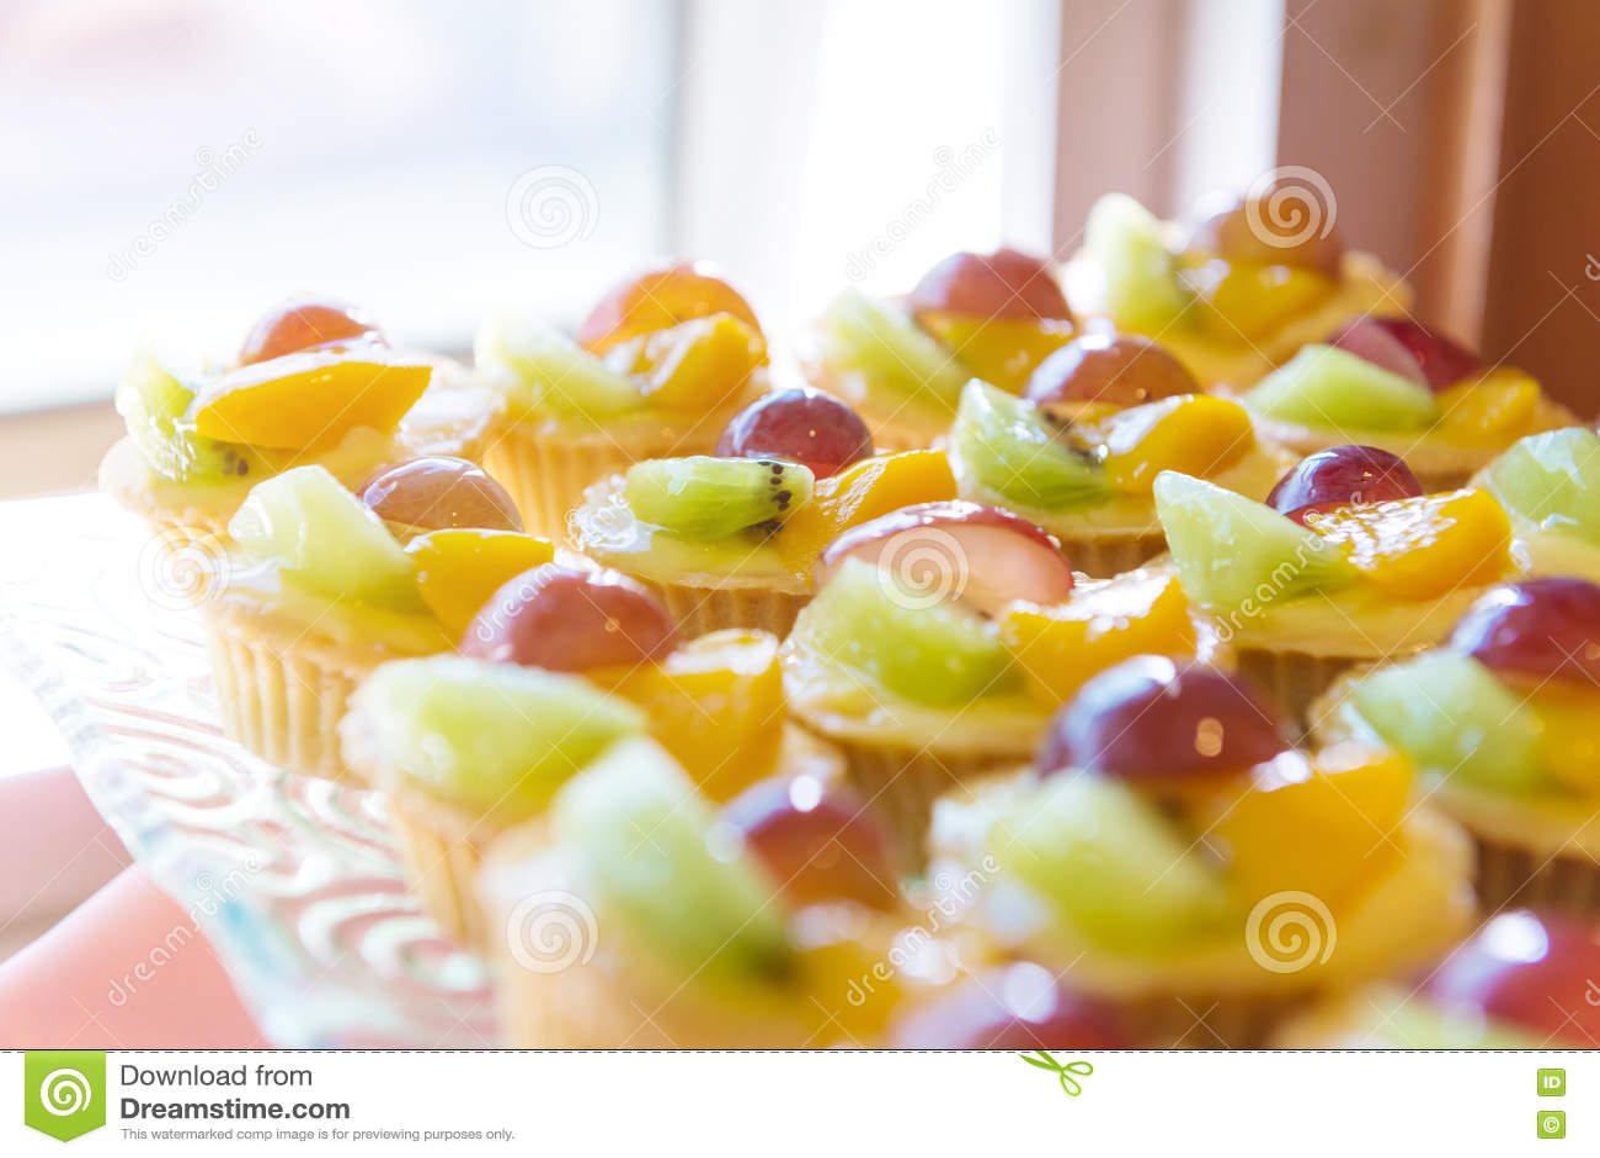 Gemengde Vers Scherpe Fruitvla